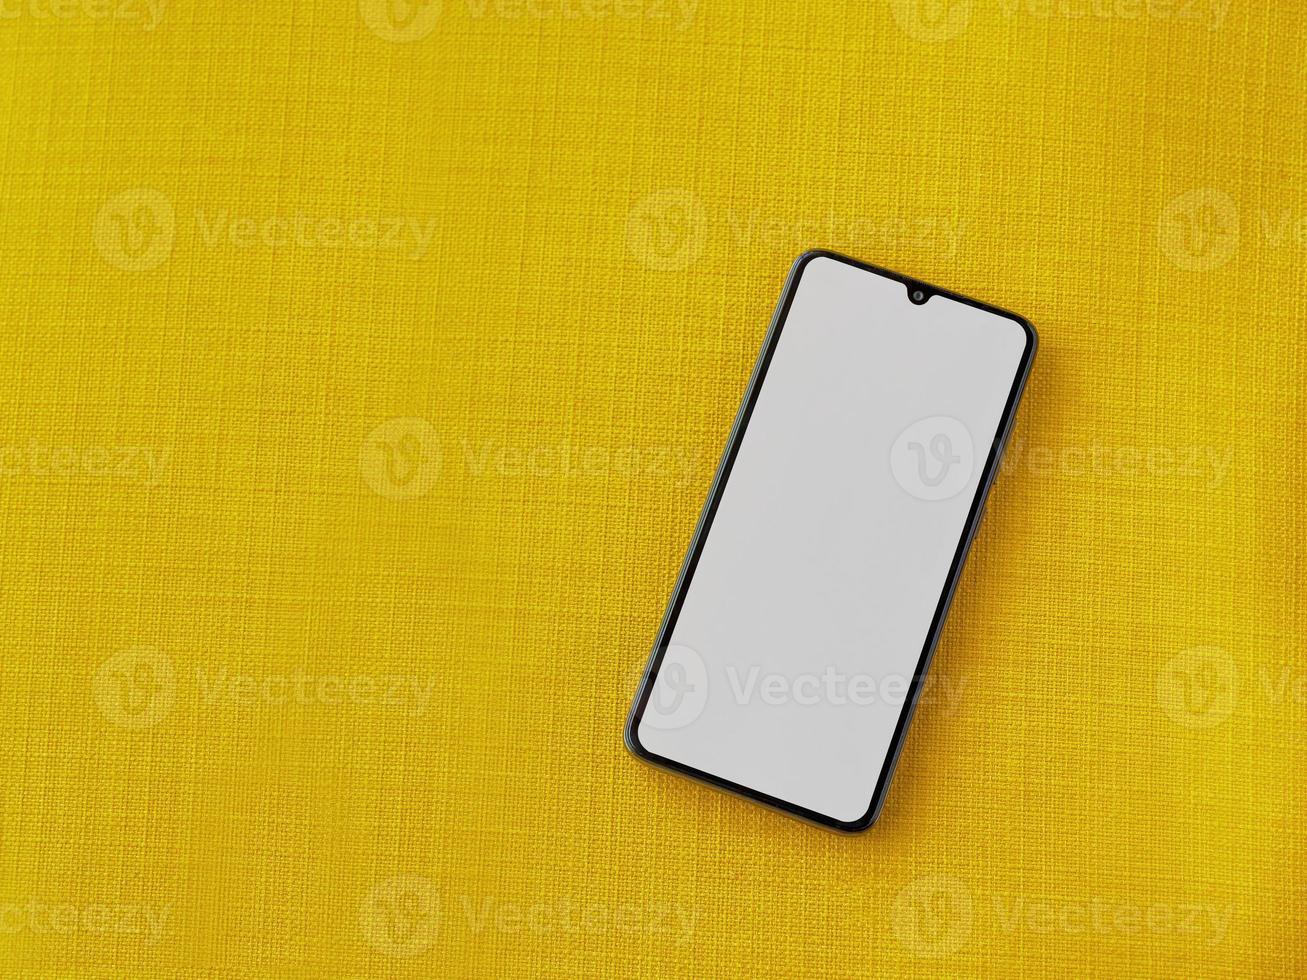 zwarte mobiele smartphone mockup ligt op het oppervlak met een leeg scherm geïsoleerd op een gele stoffen achtergrond foto